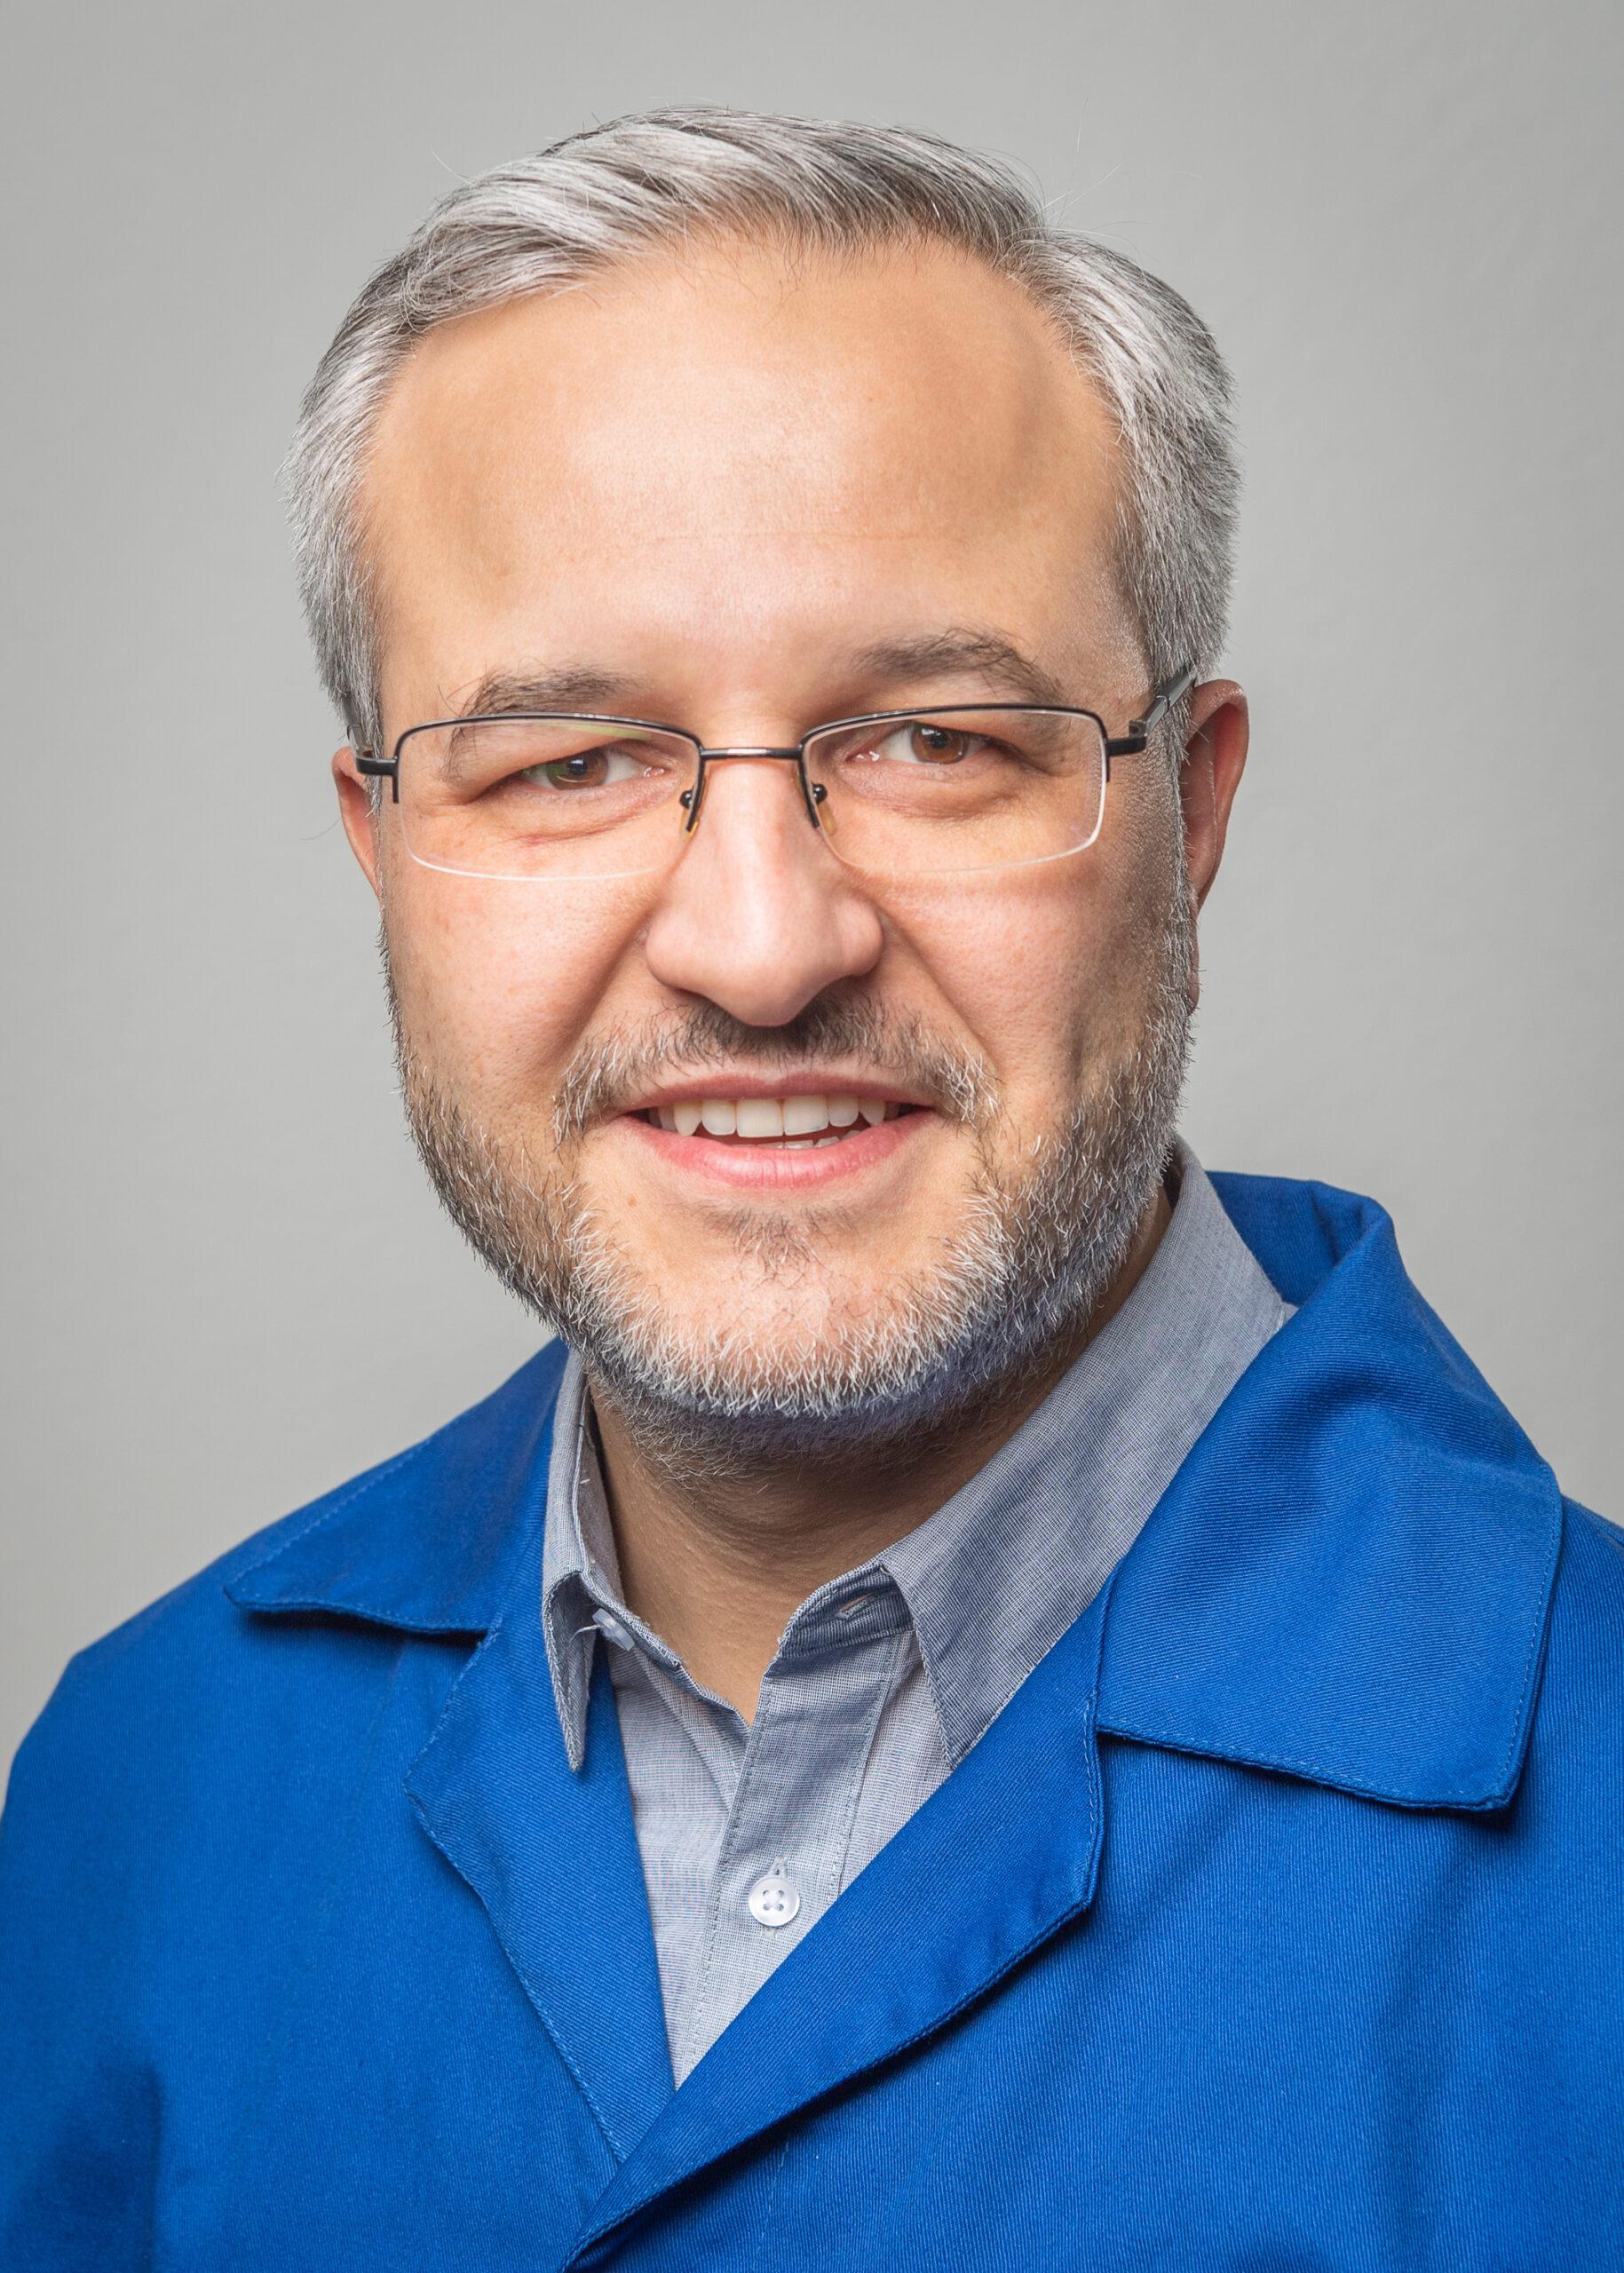 Vinicius Rosenberger